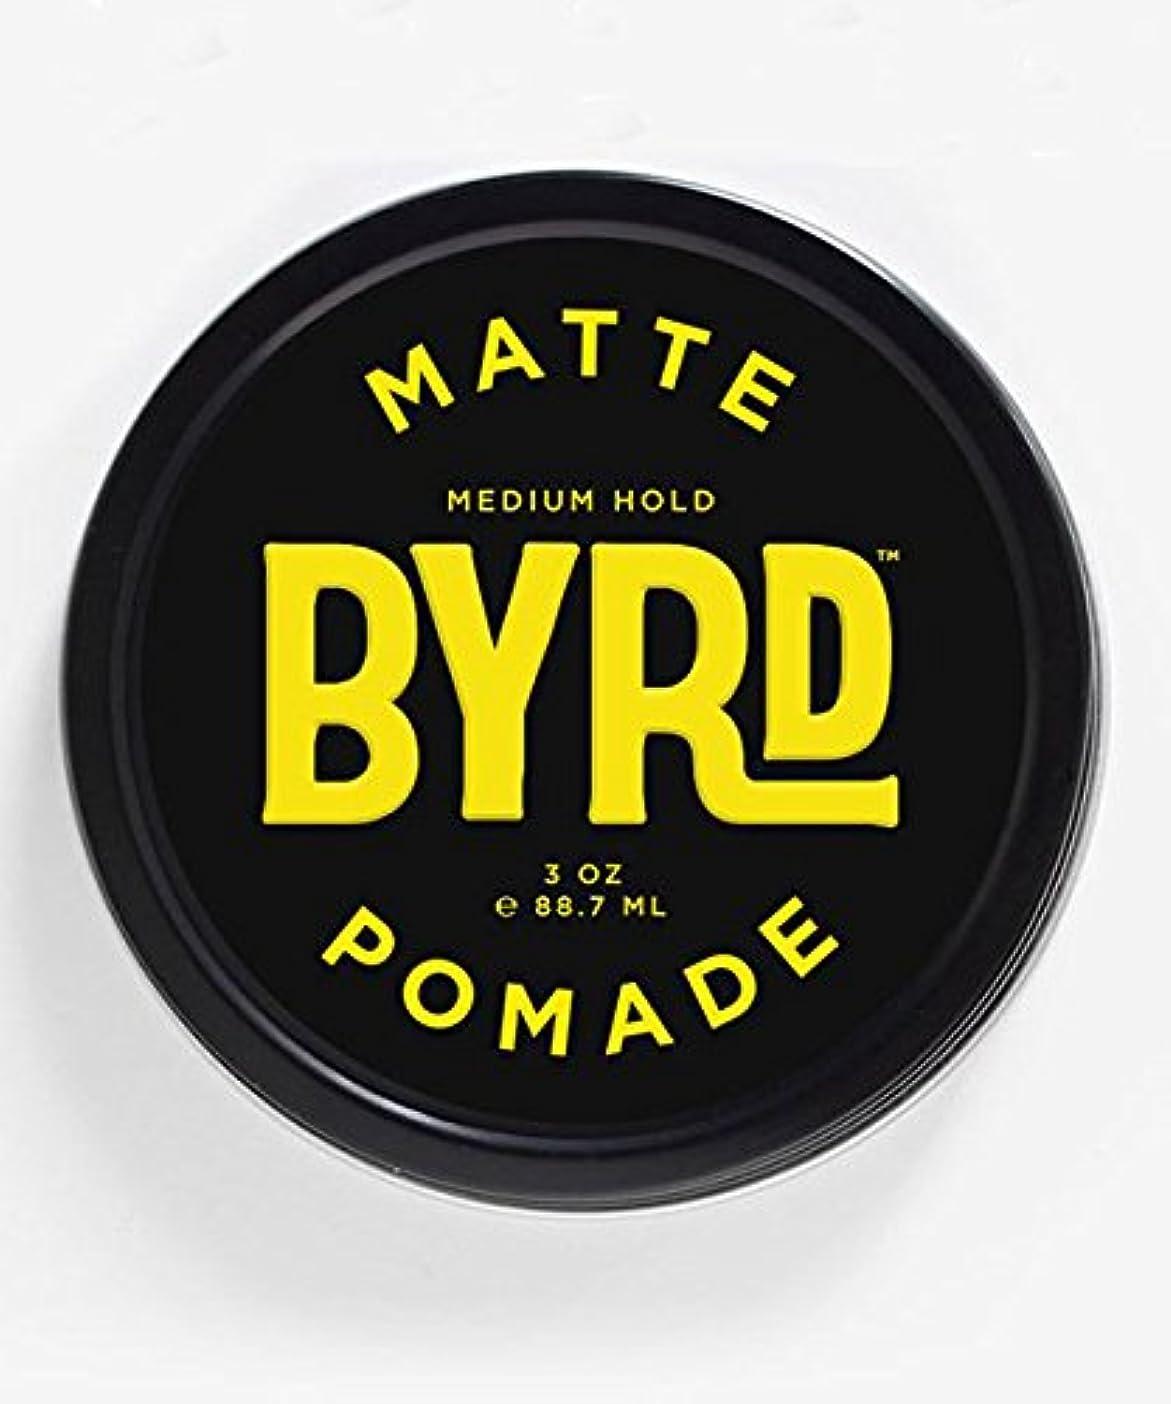 定期的な洗練されたボリュームBYRD(バード) マットポマード 85g